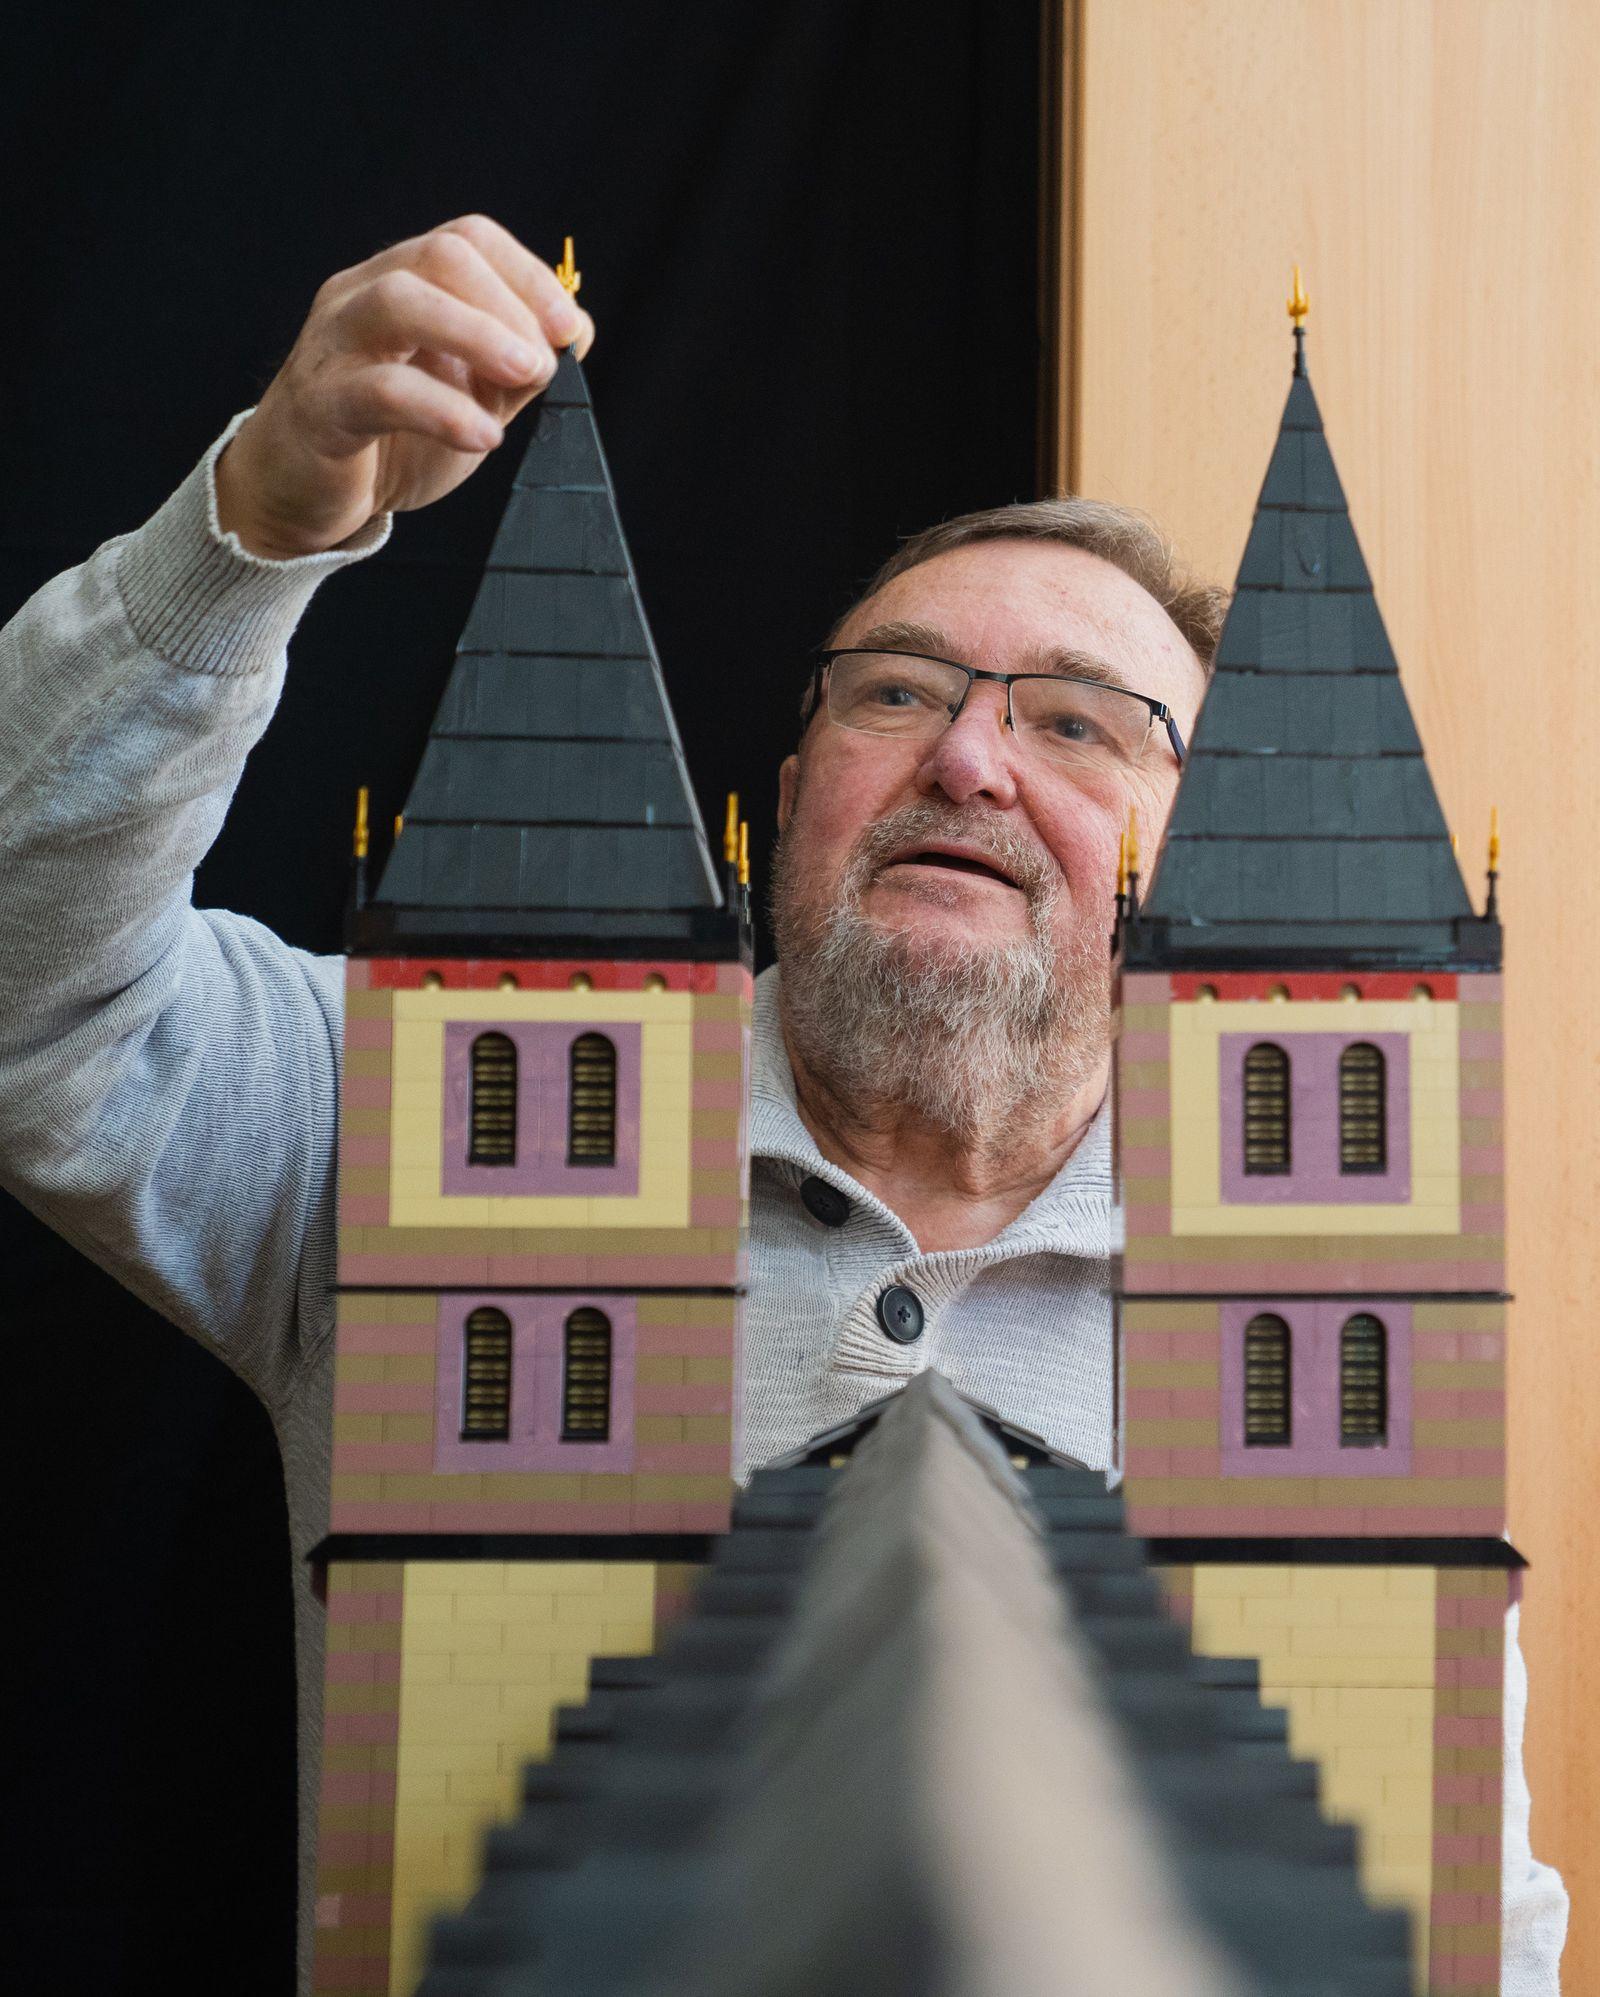 Tüftler baut Würzburger Dom aus Lego-Steinen